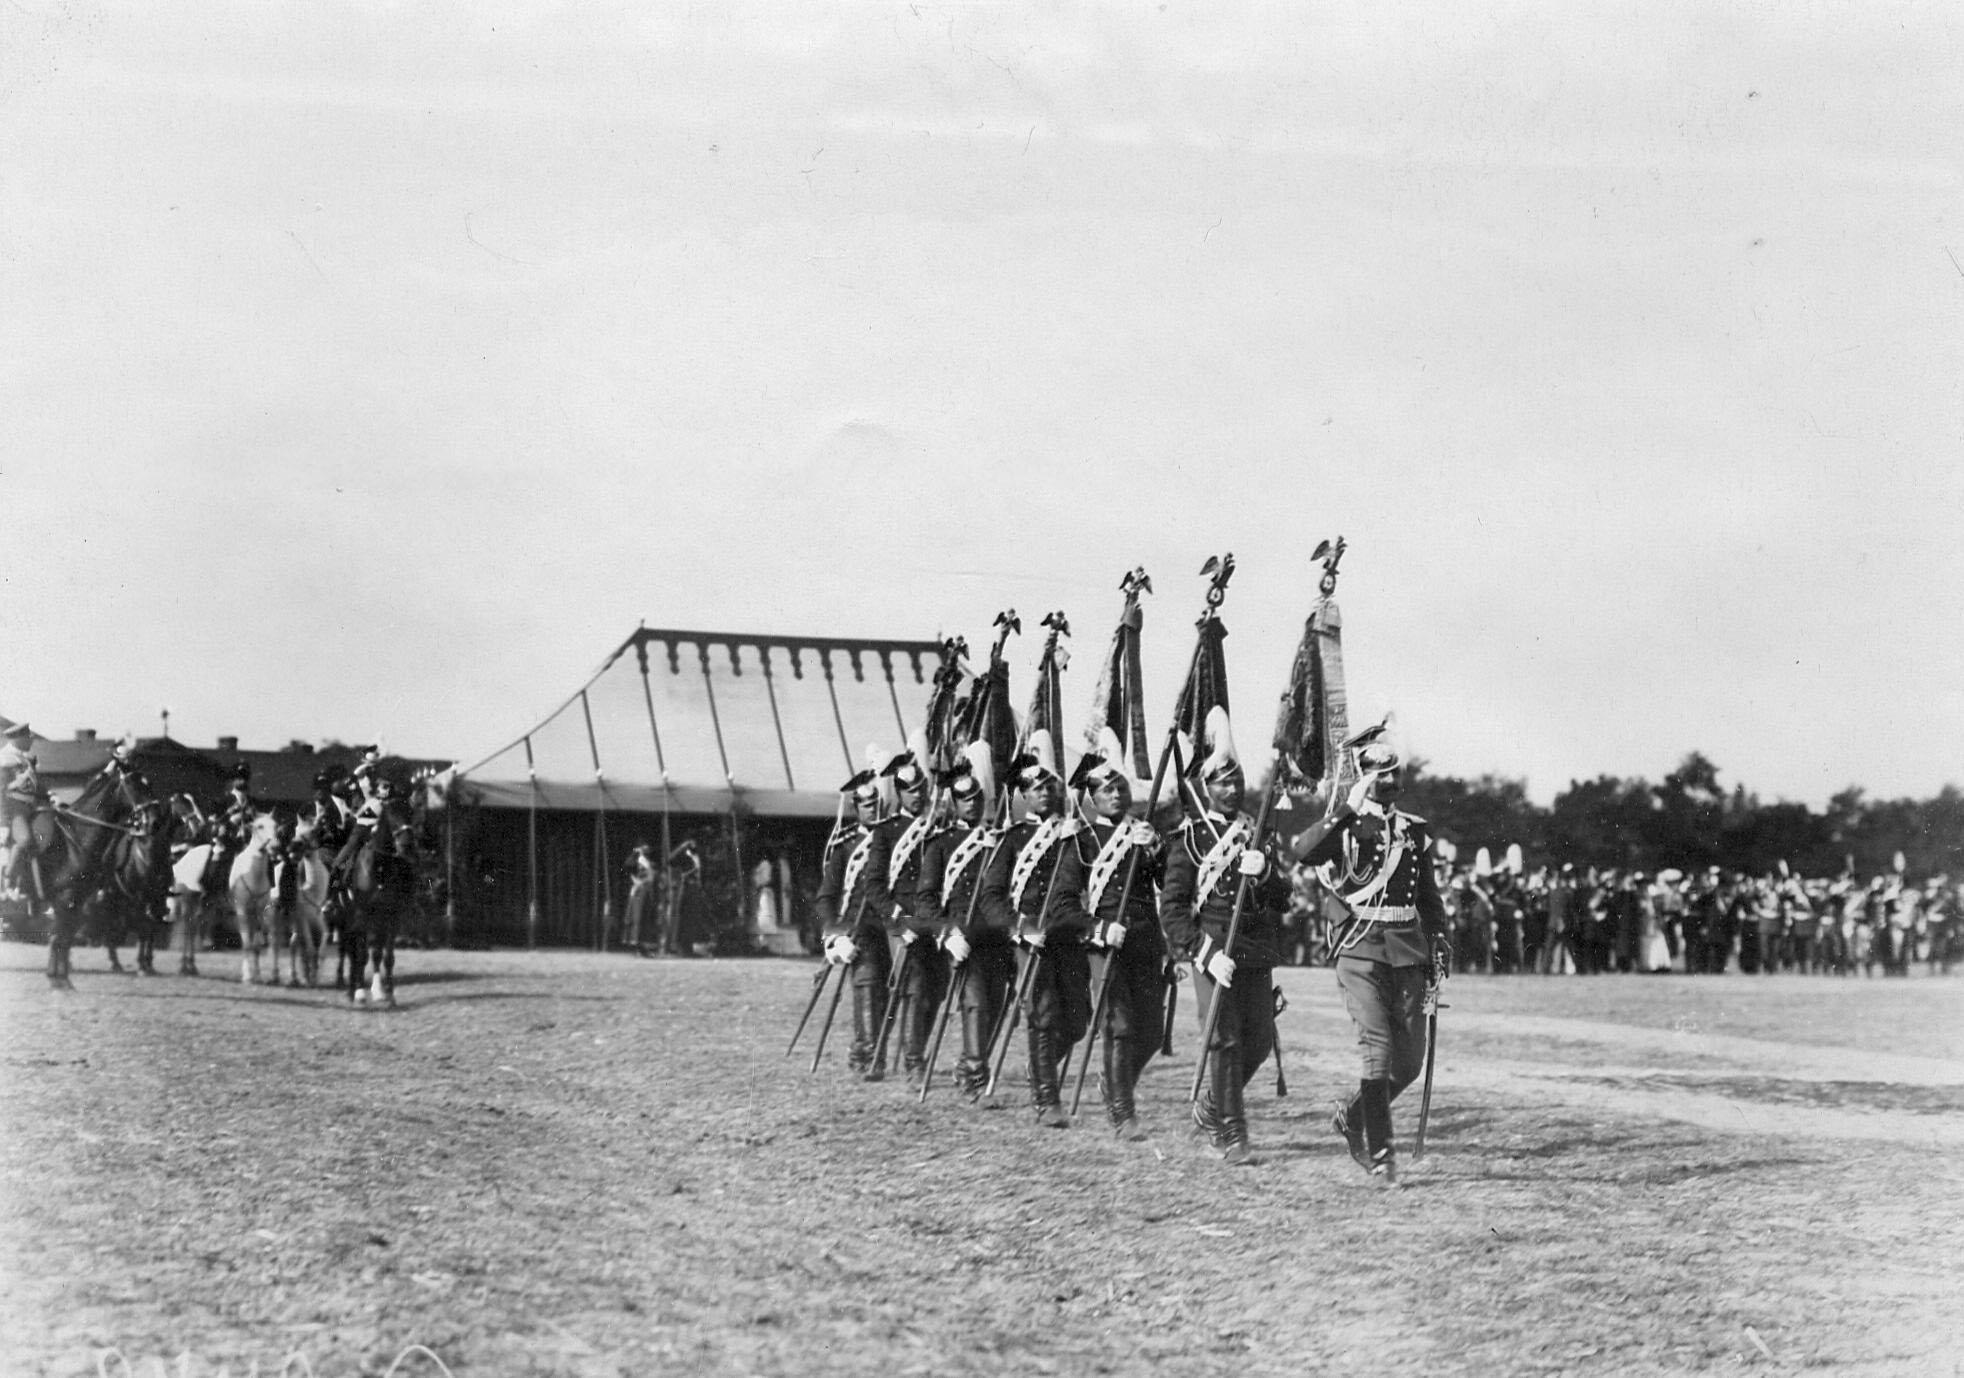 Вынос полковых штандартов во время парада в день празднования 250-летнего юбилея полка